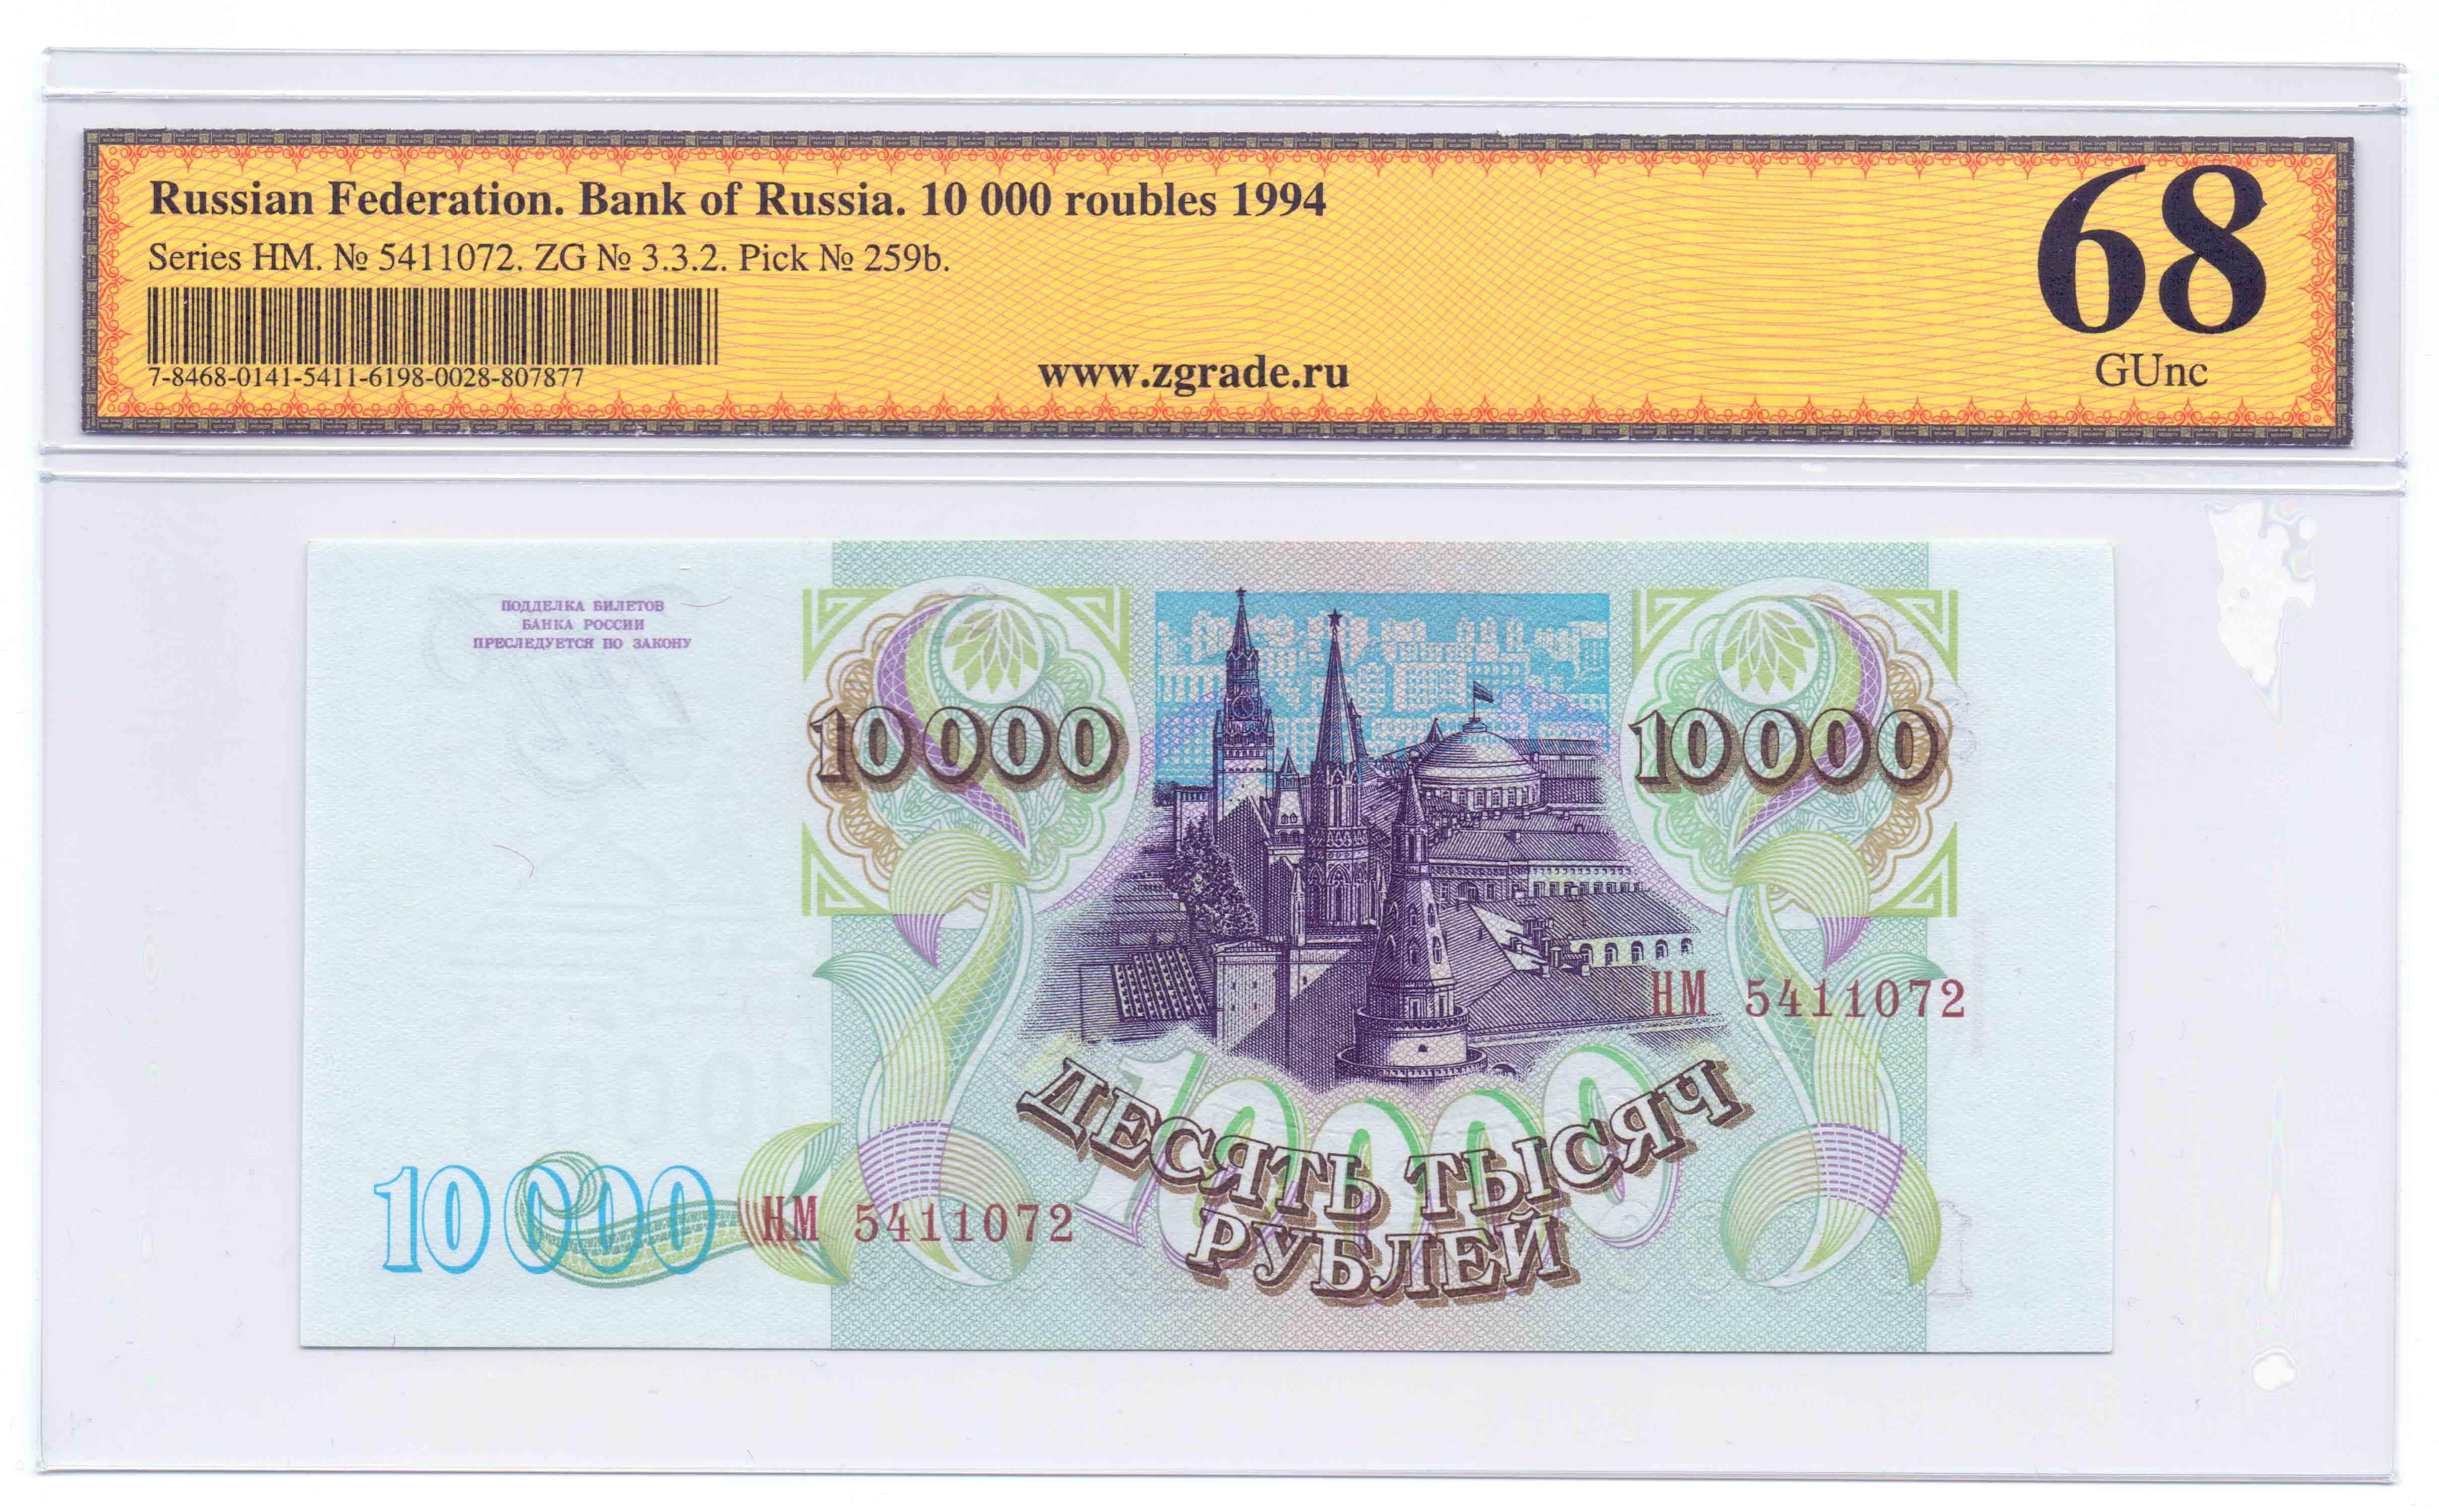 10 000 рублей 1994 г. НМ 5411072 ZG № 3.3.2. 68 GUnc Pick.259b  #Б001-003